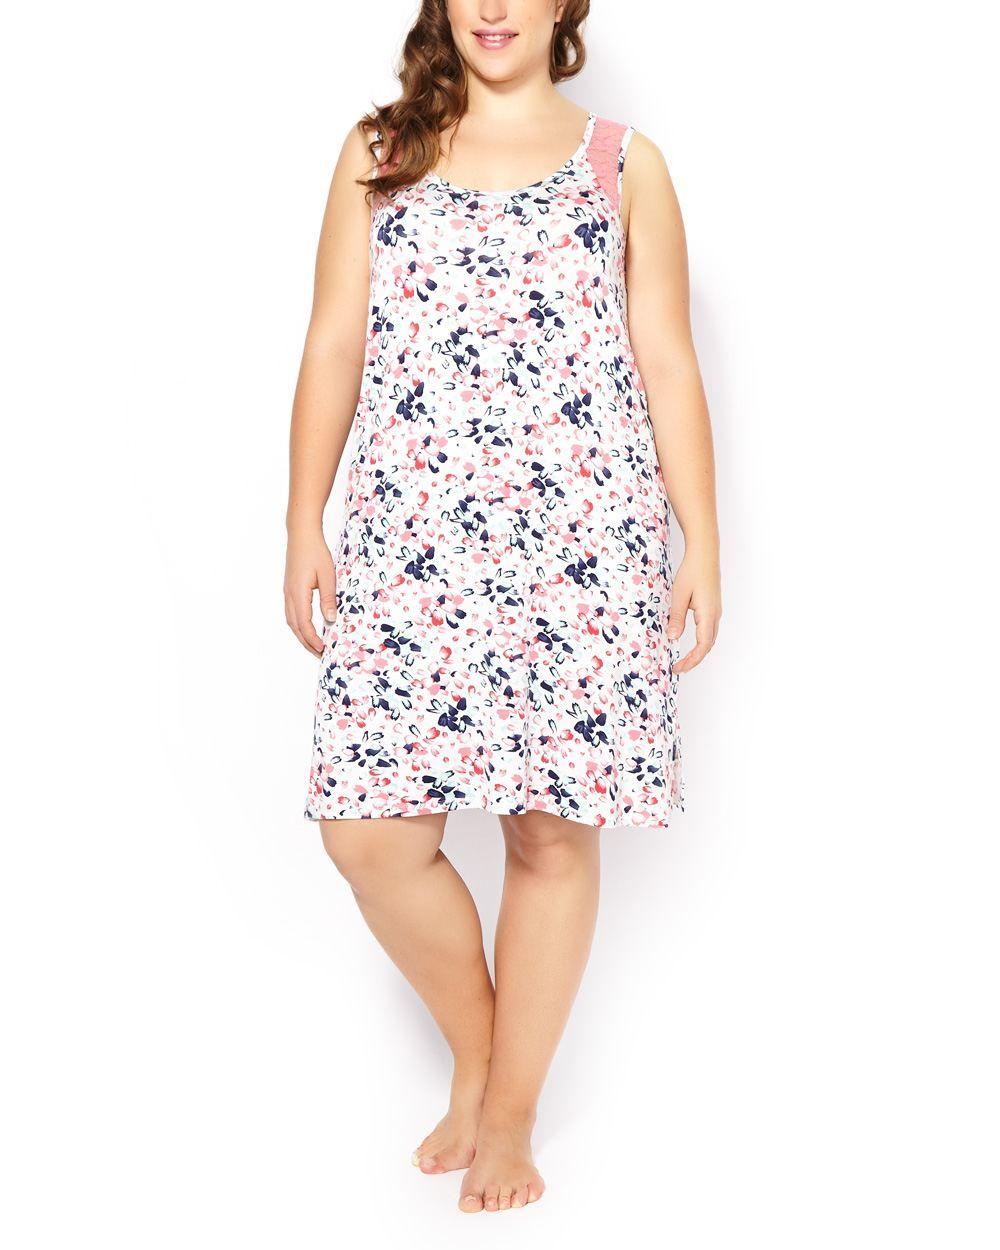 a8bc5061b4cf0 Shop online for Ti Voglio Sleeveless Sleepshirt with Lace. Find Sleepwear